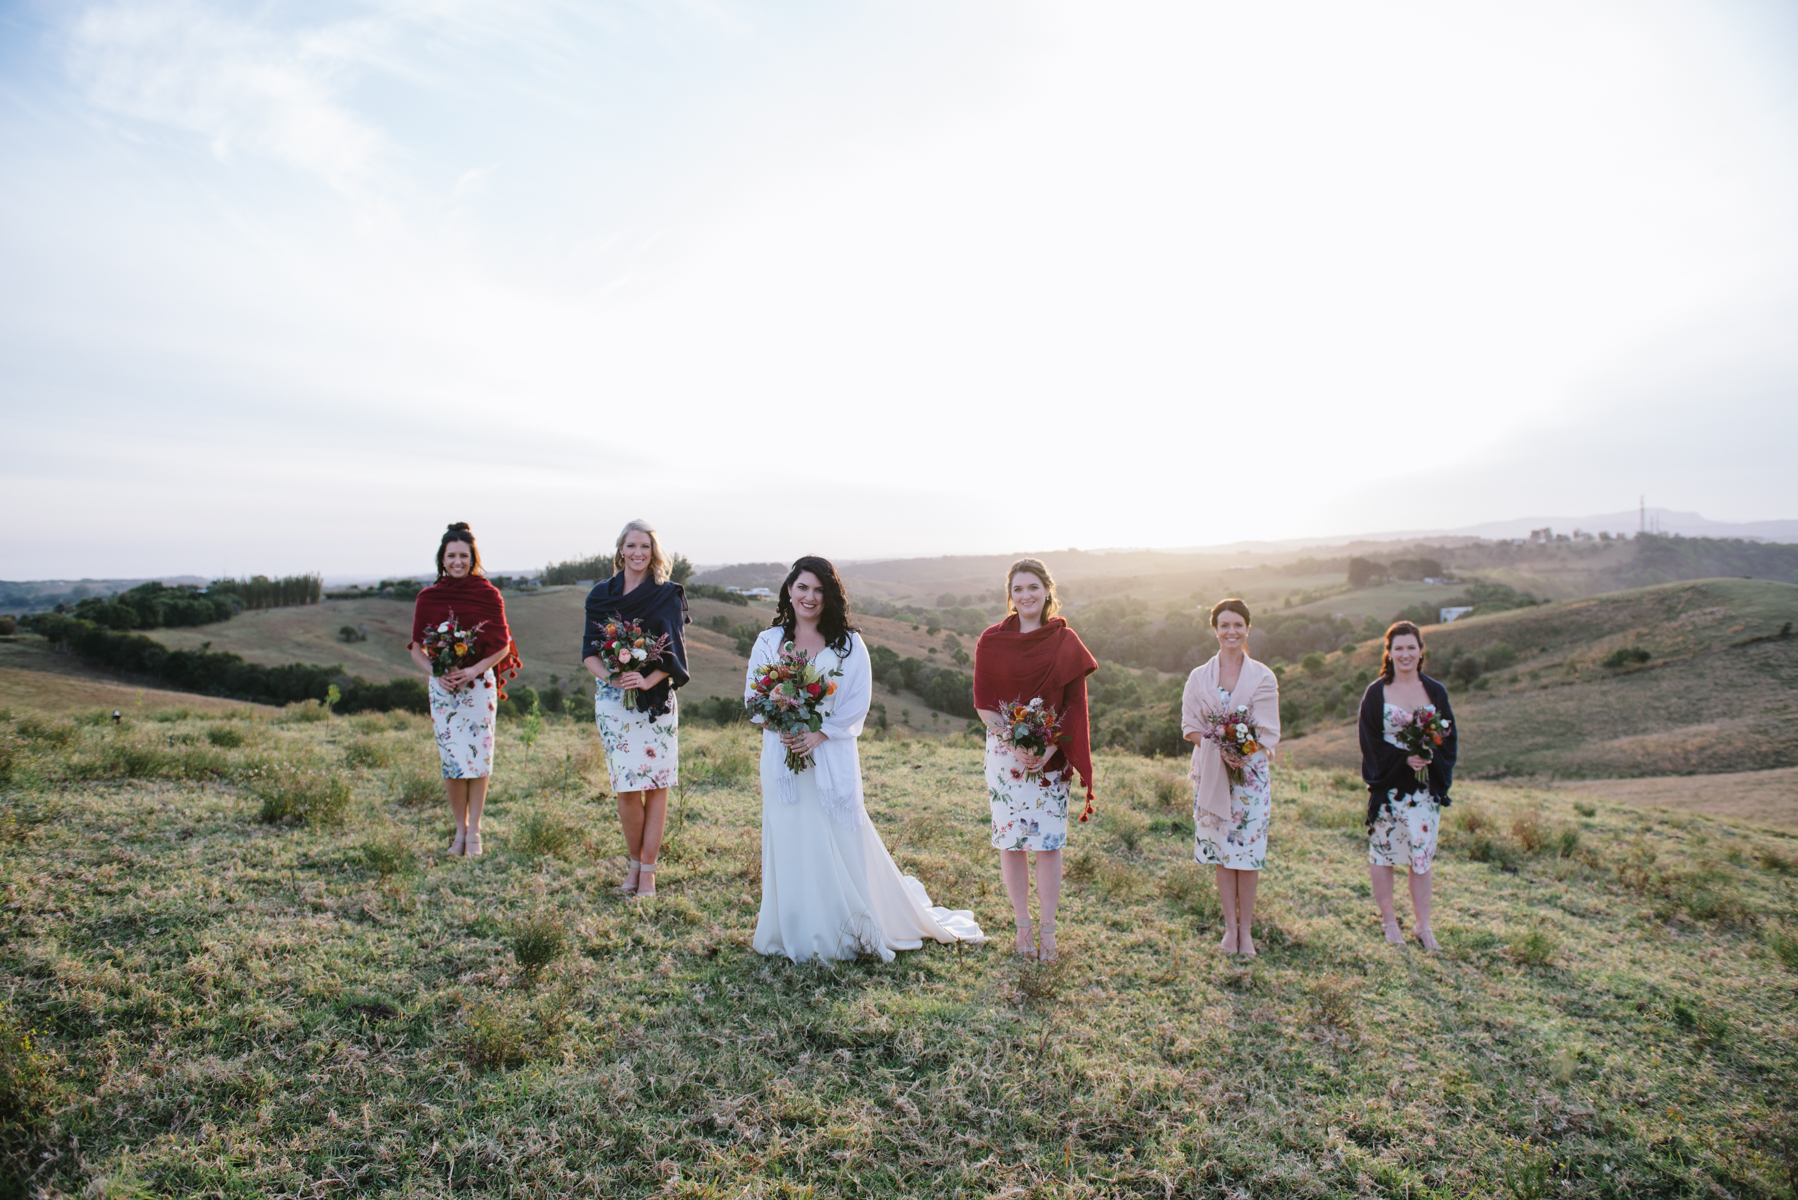 sarahandBenwedding- skyla sage photography weddings, families, byron bay,tweed coast,kingscliff,cabarita,gold coast-839.jpg